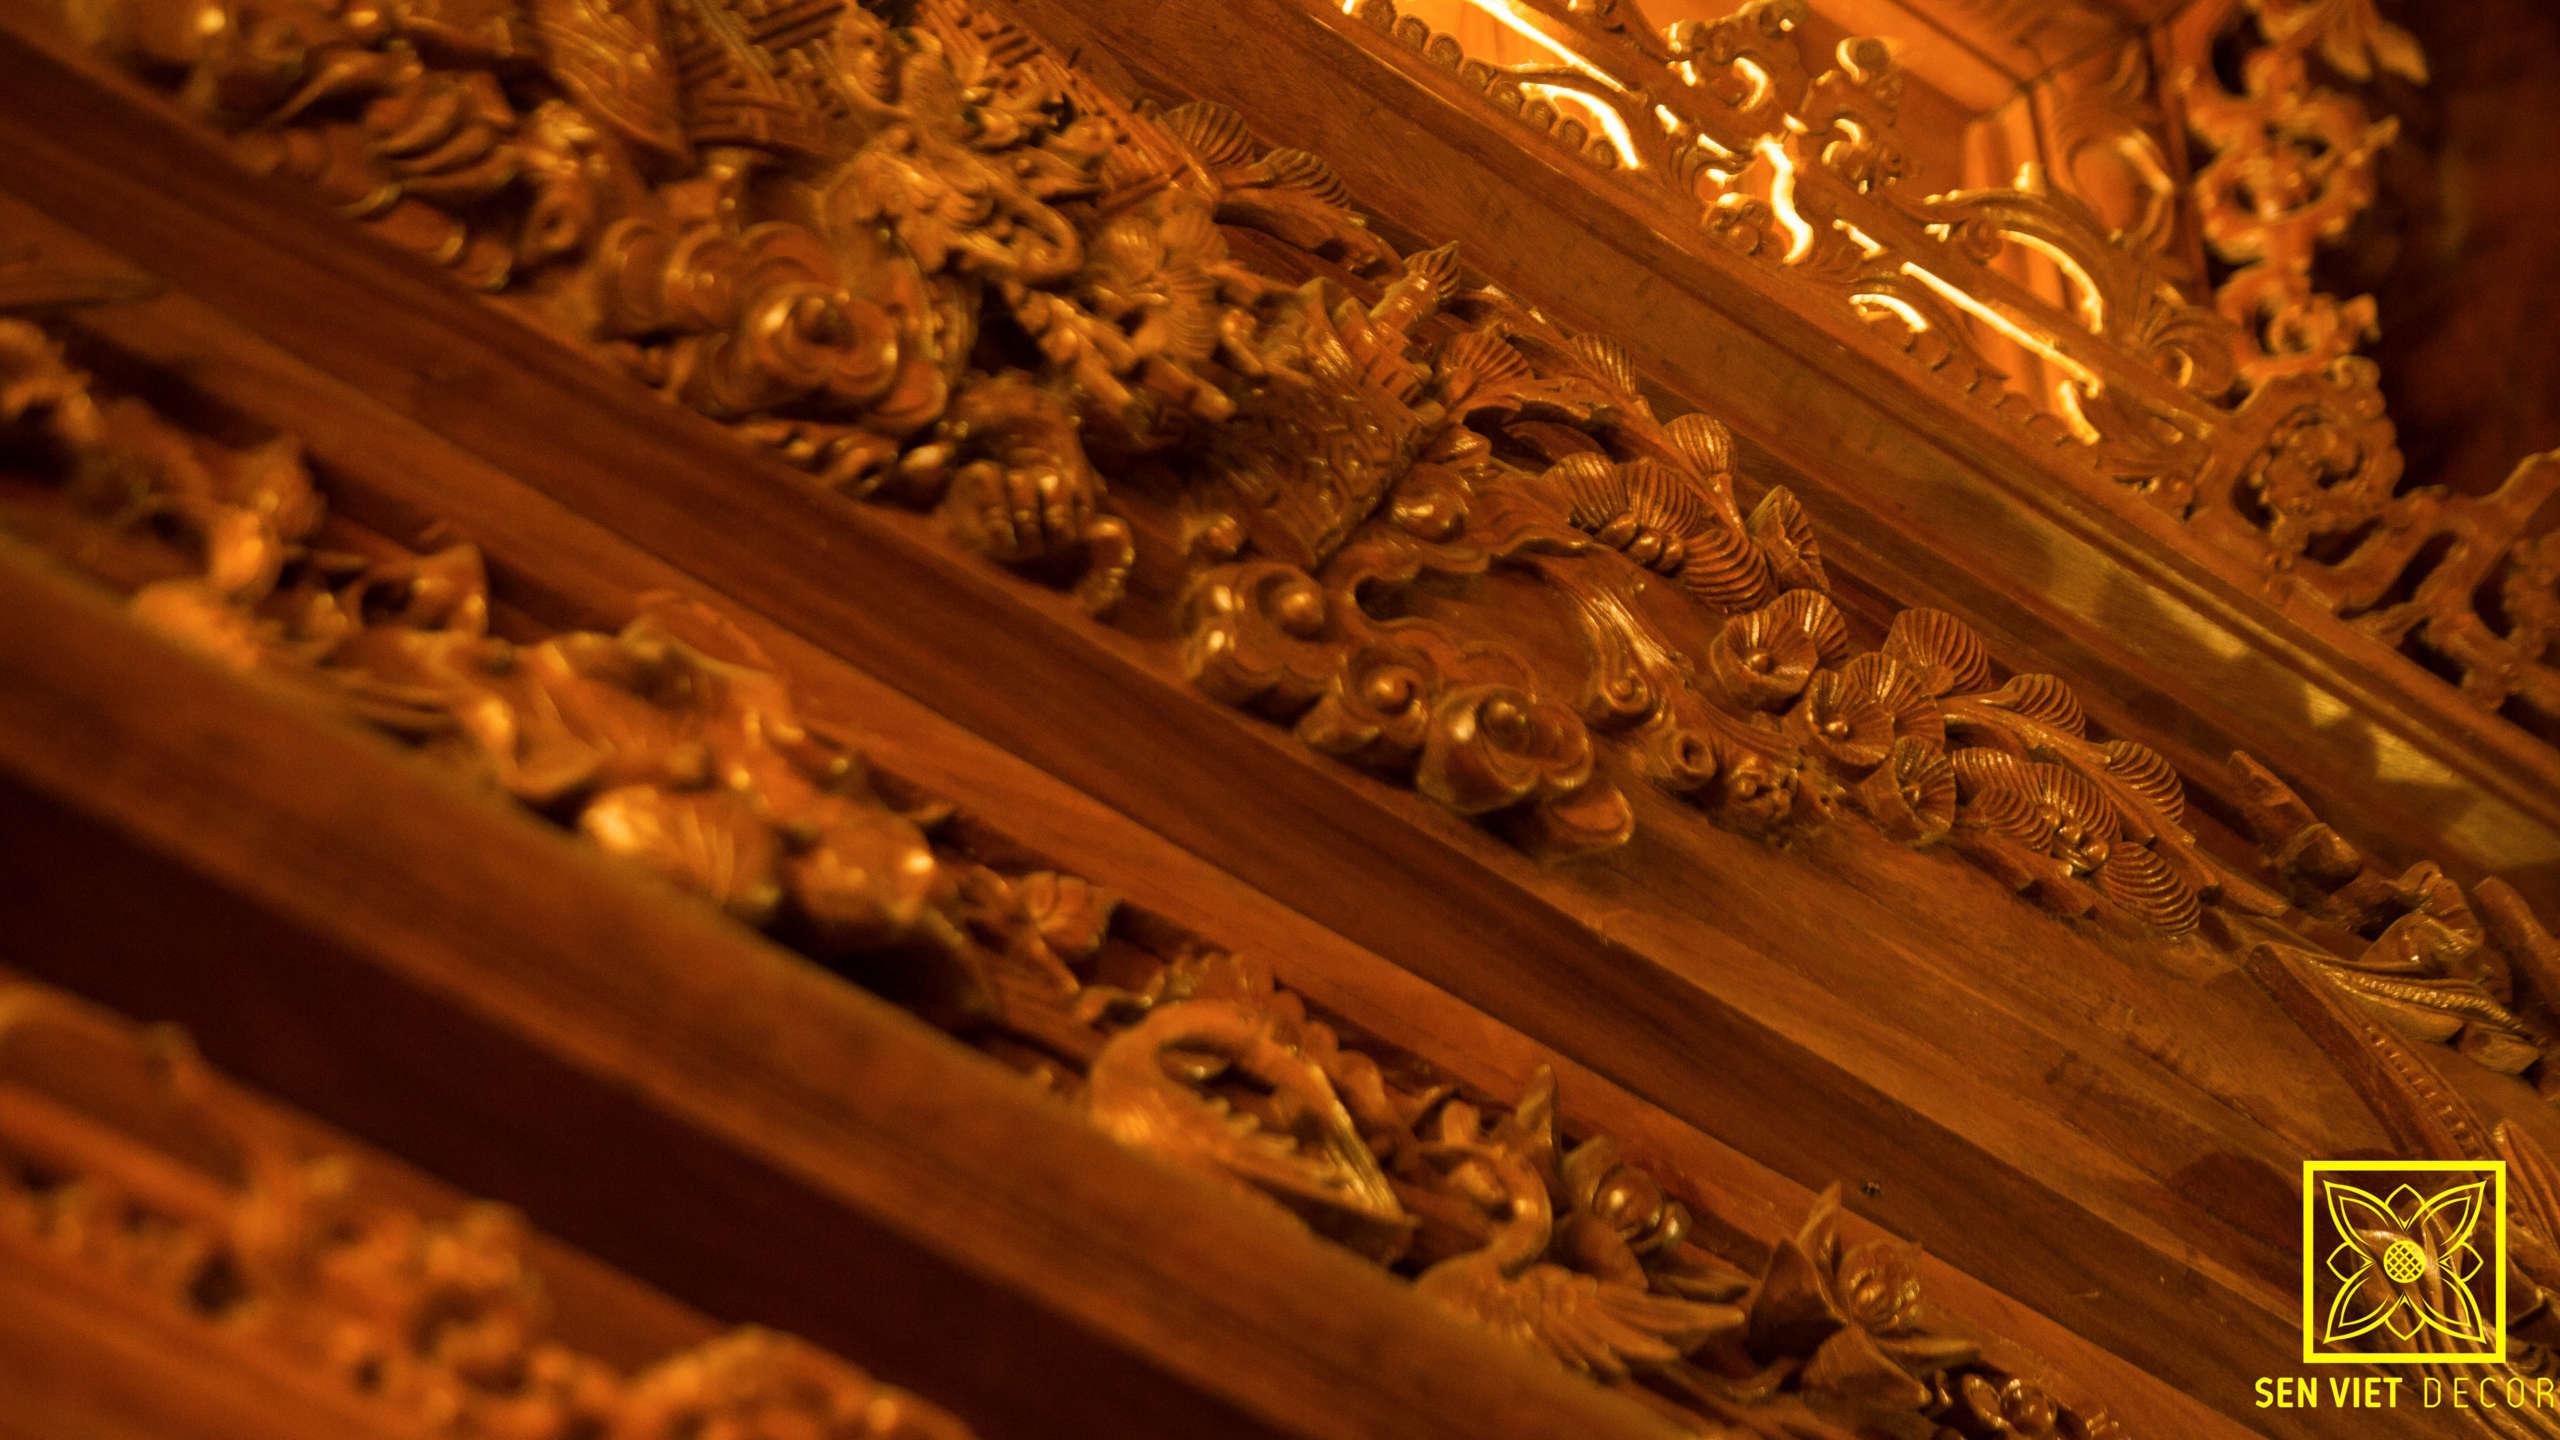 Thiết kế nhà gỗ lim 3 gian cổ truyền